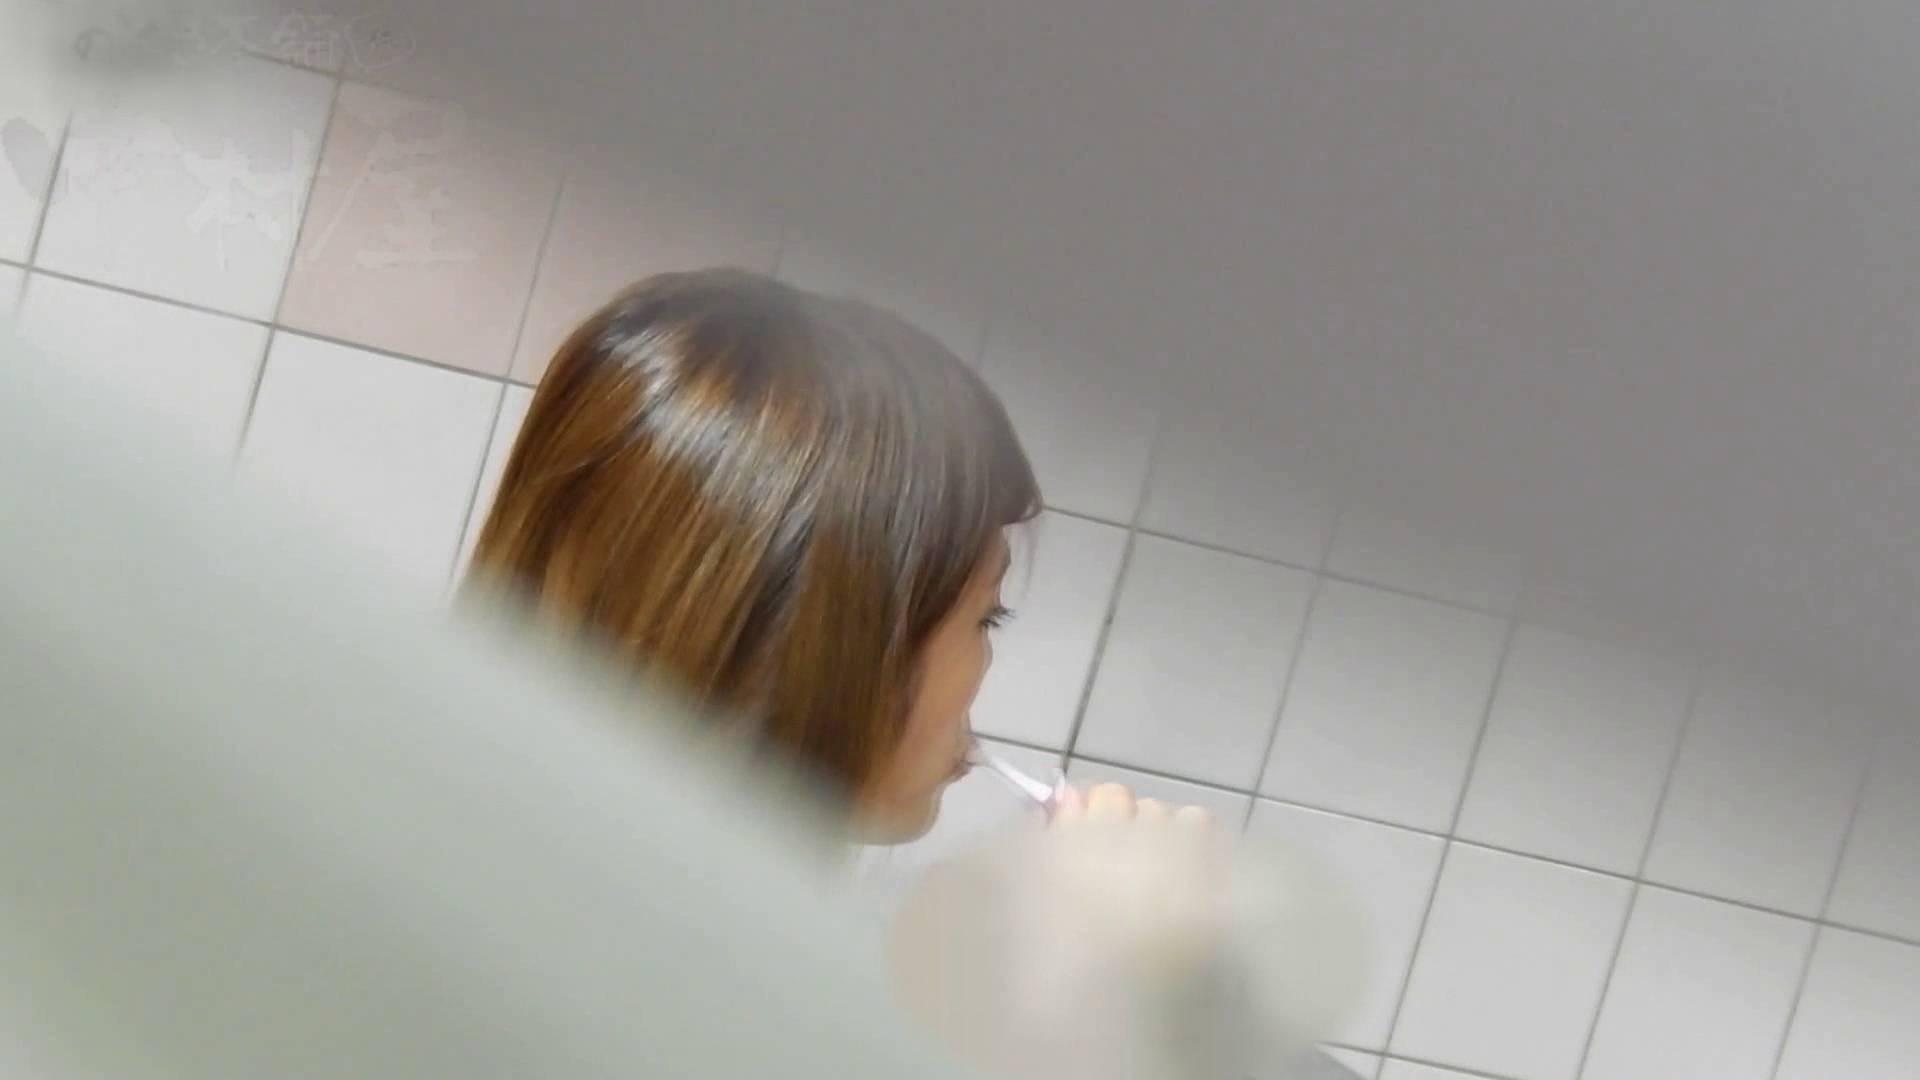 美しい日本の未来 No.08 腕を磨き再発進 お姉さん  90PICs 20